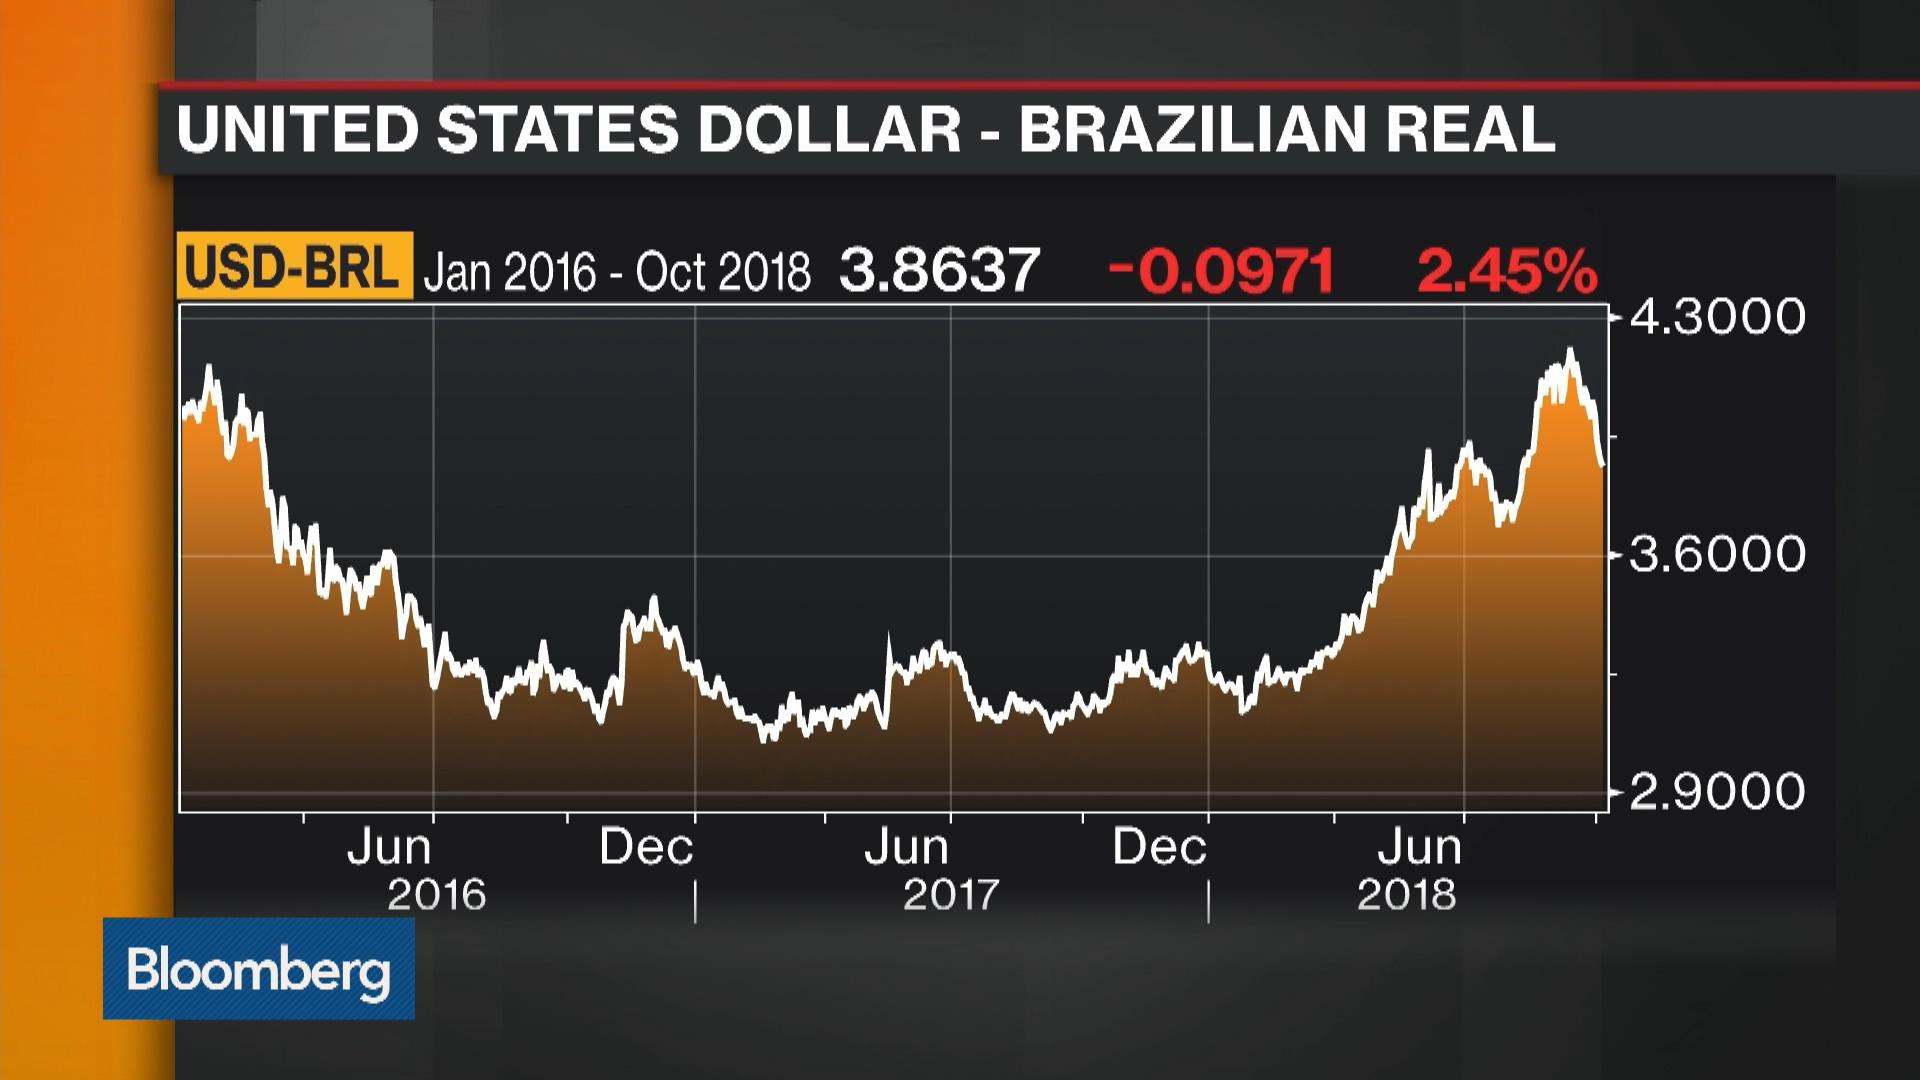 Brazil's Election Is a Dead Heat, Eurasia Group's Garman Says